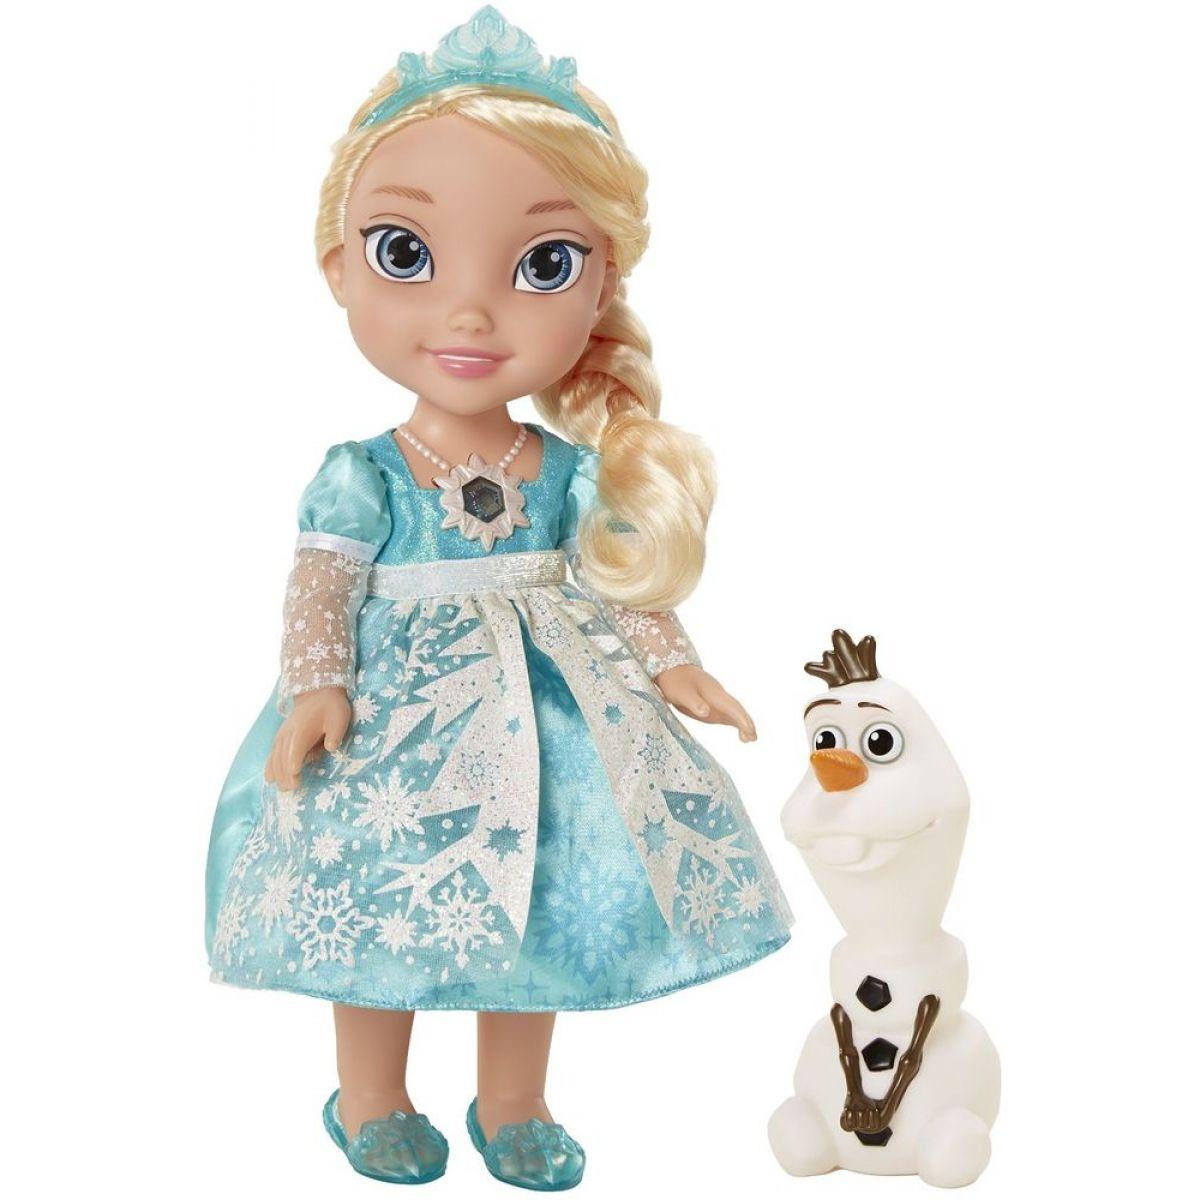 ADC Blackfire Disney Ledové království zpívající Elsa